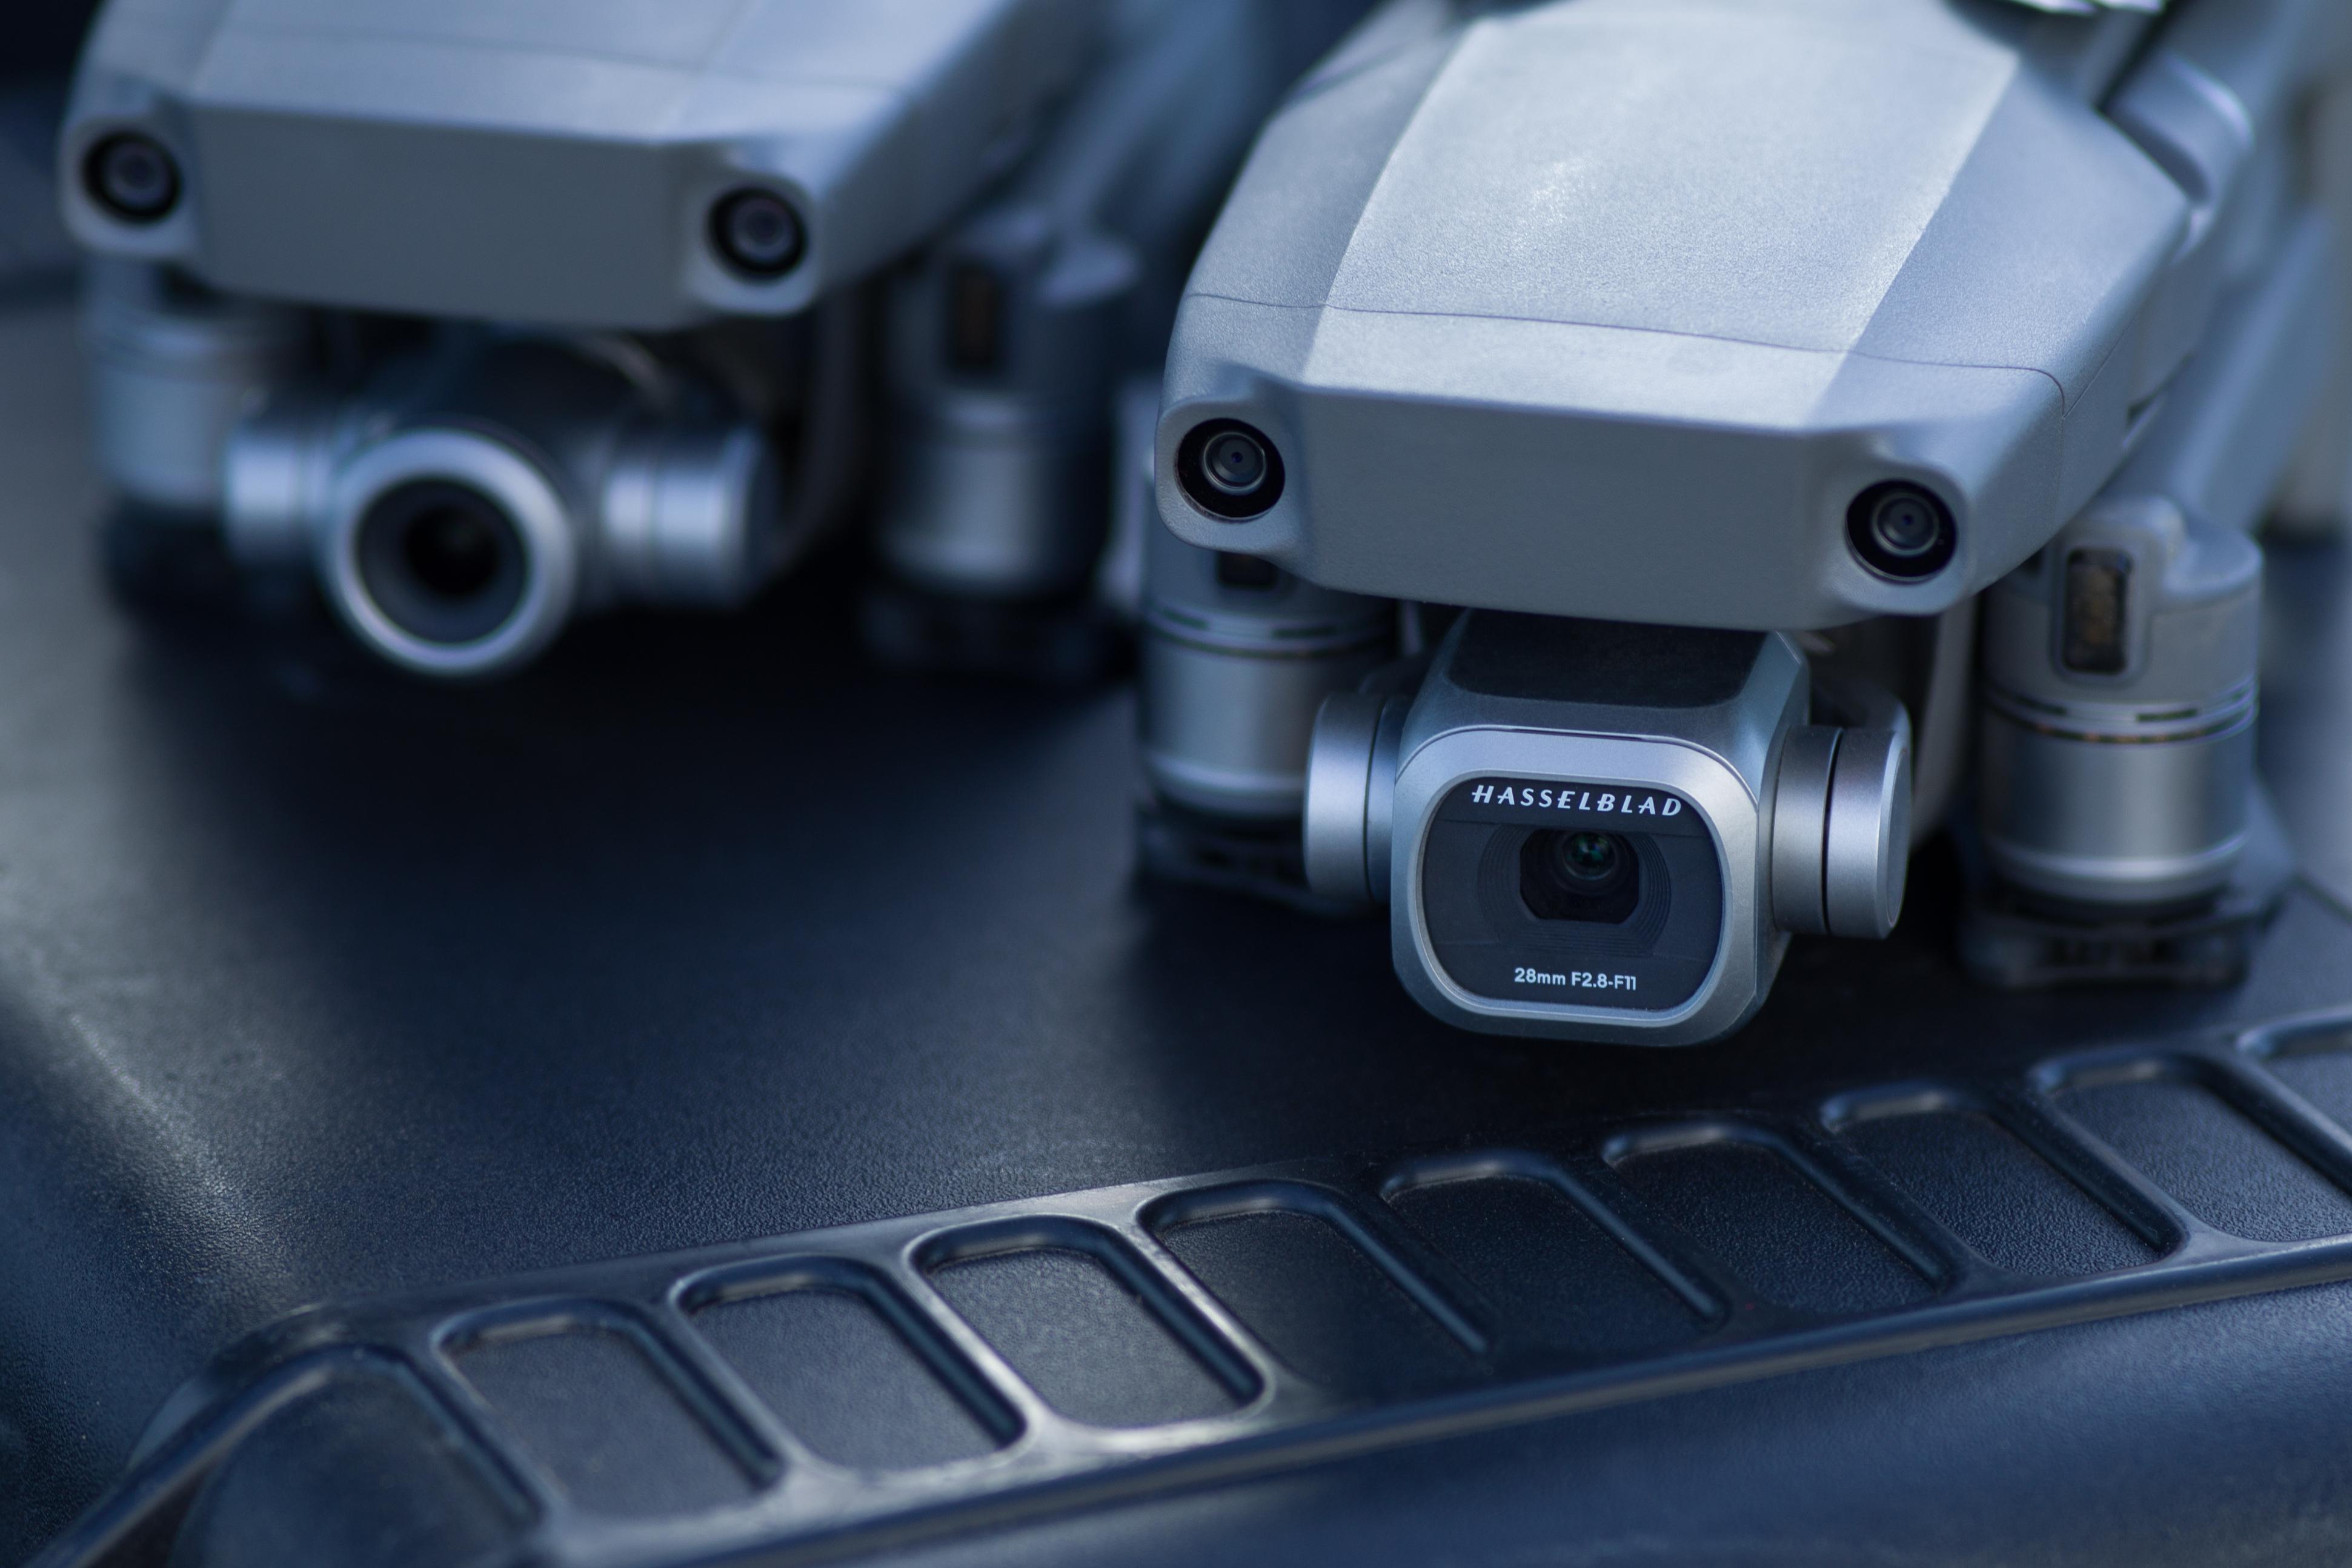 DJI Mavic 2 Pro drone review—is it worth it? — Quartz